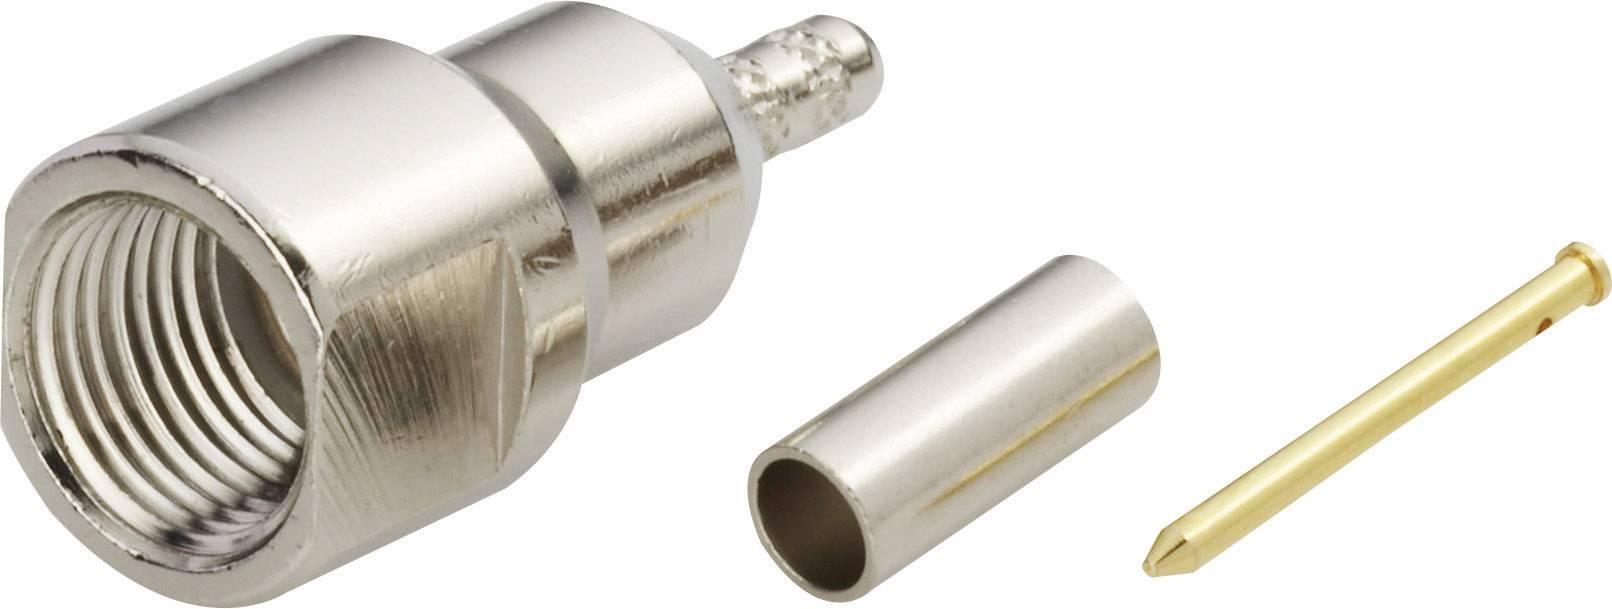 FME konektor - zástrčka, rovná Amphenol FME1121B4-ND3G-5-50 50 Ohm, 1 ks